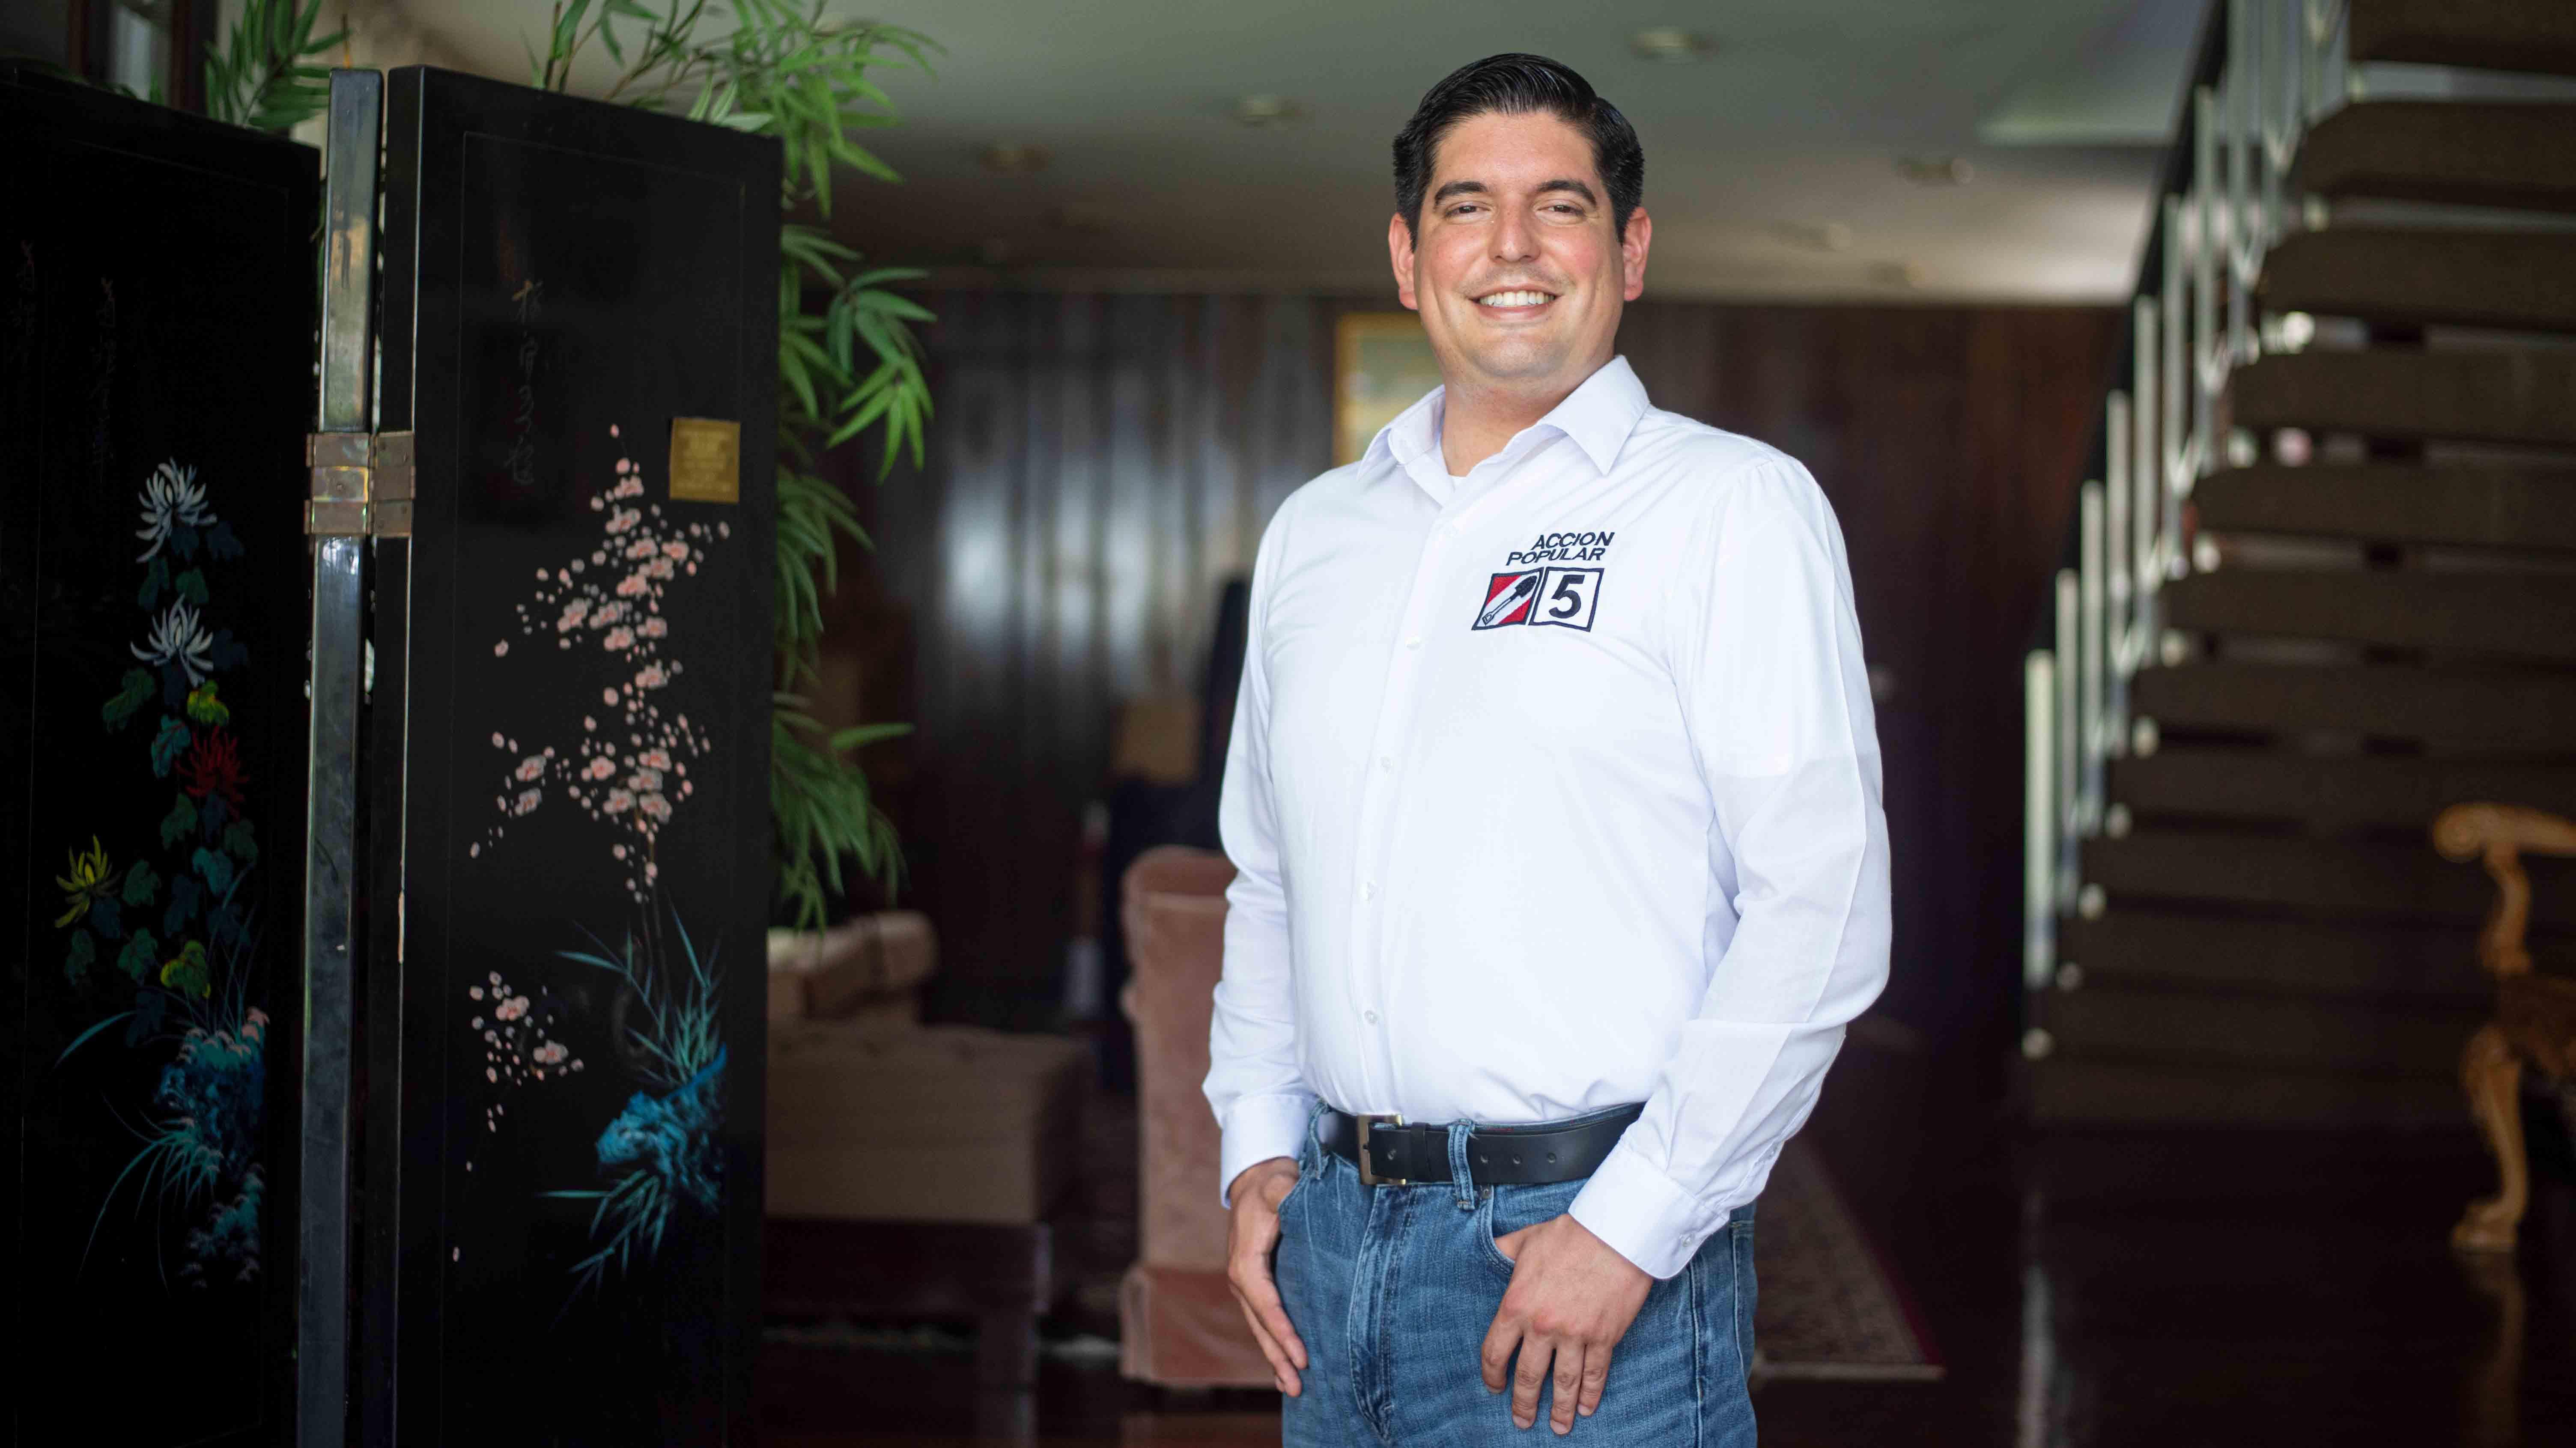 """Luis Roel, de Acción Popular: """"Hay que darle tranquilidad a los inversionistas de que el modelo económico no se va a cambiar"""""""